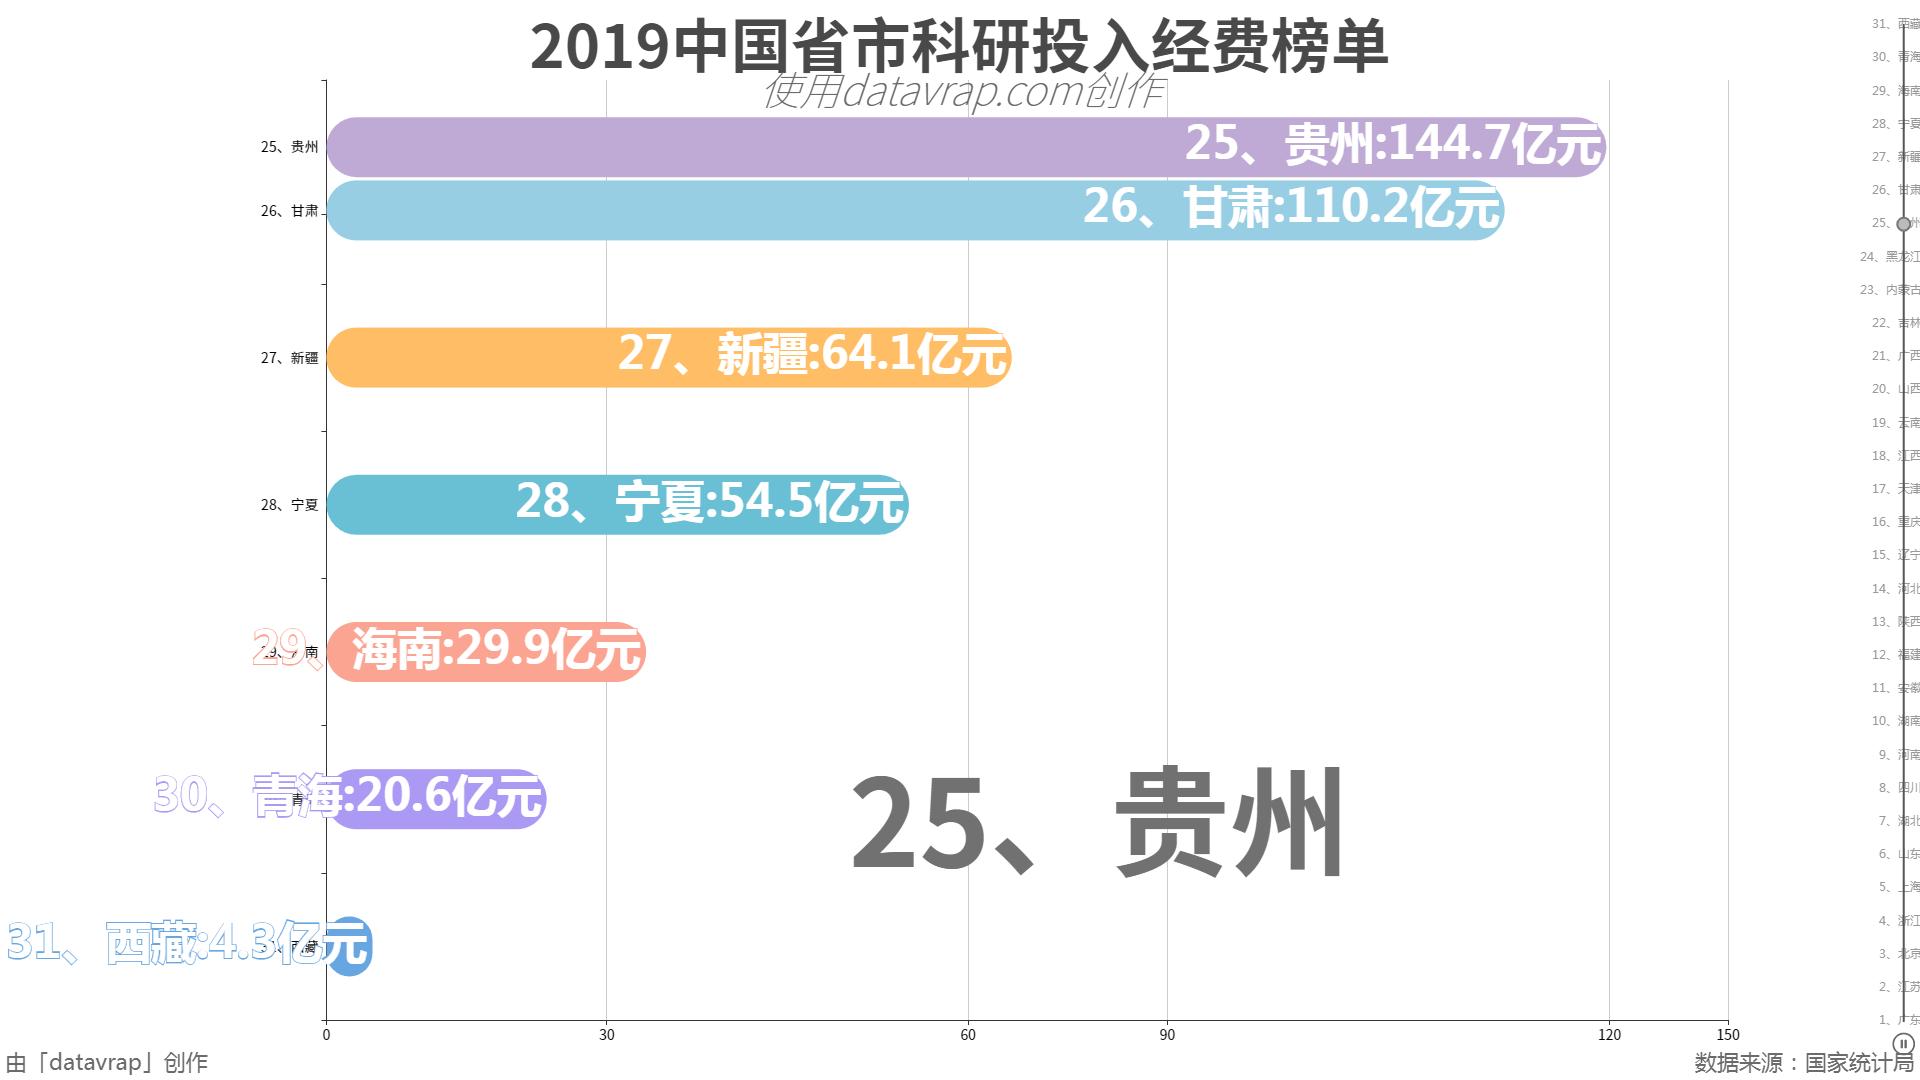 2019中国省市科研投入经费榜单